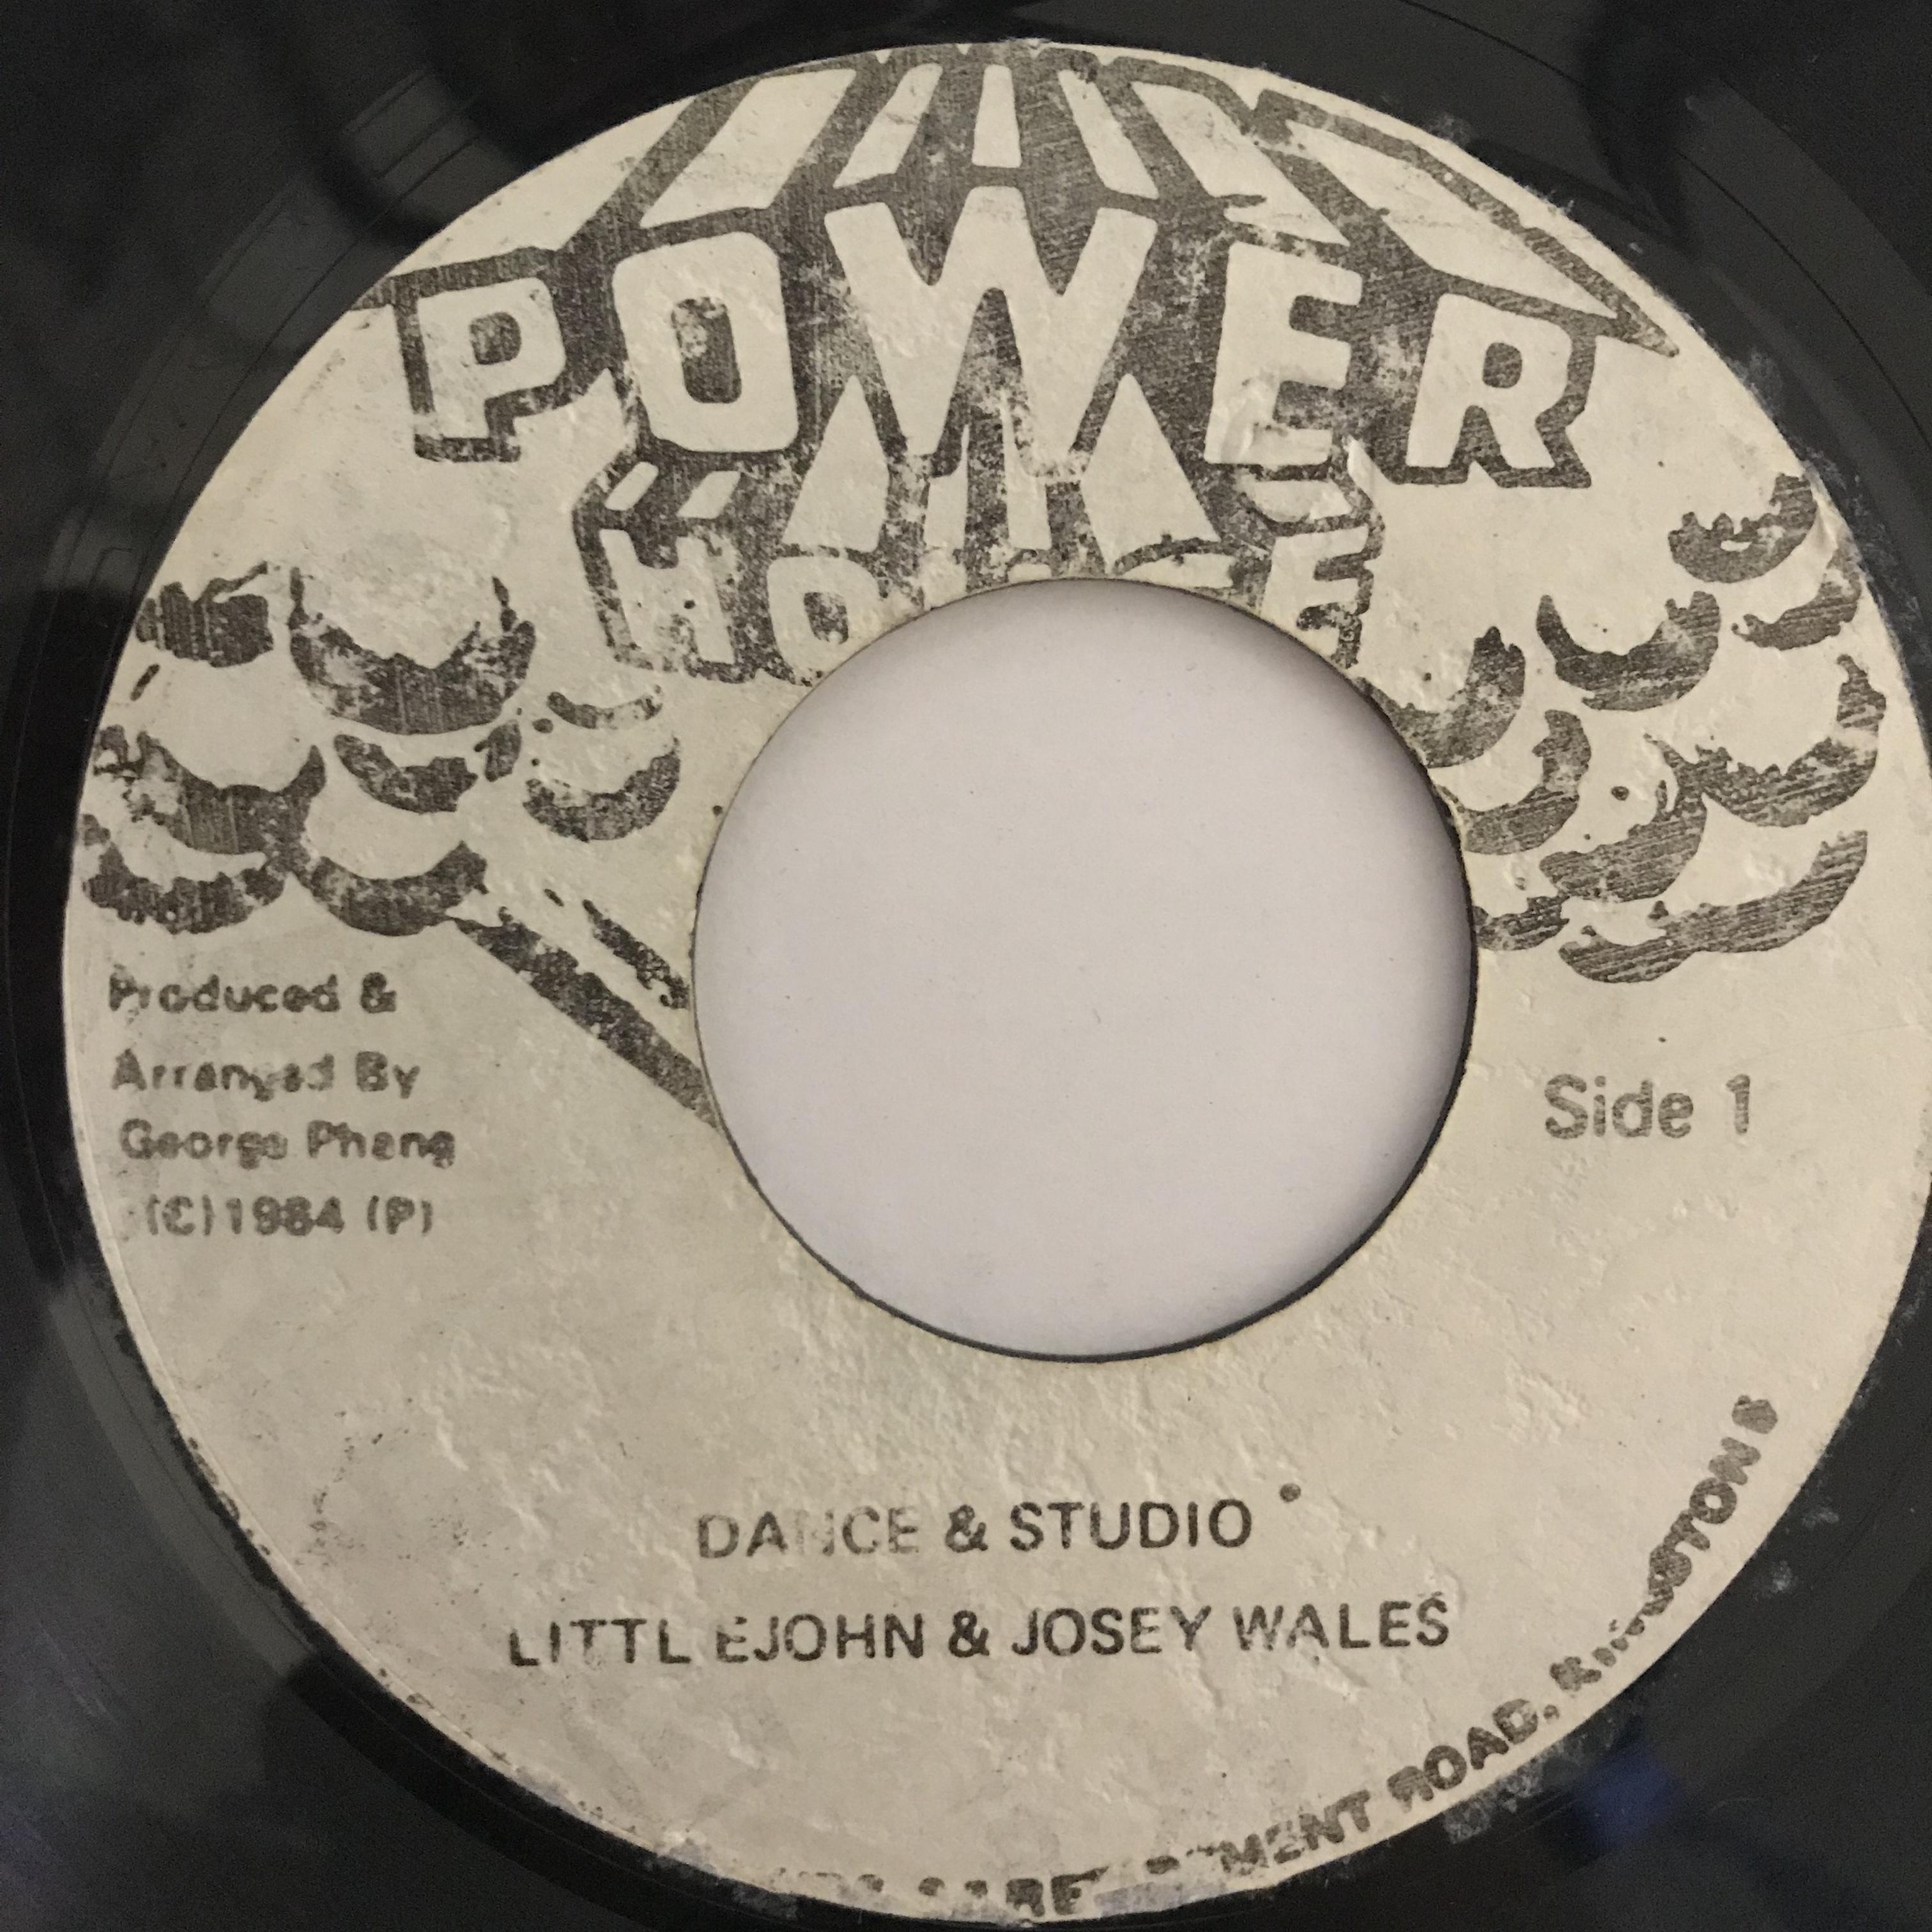 Little John & Josey Wales - Dance & Studio【7-10785】